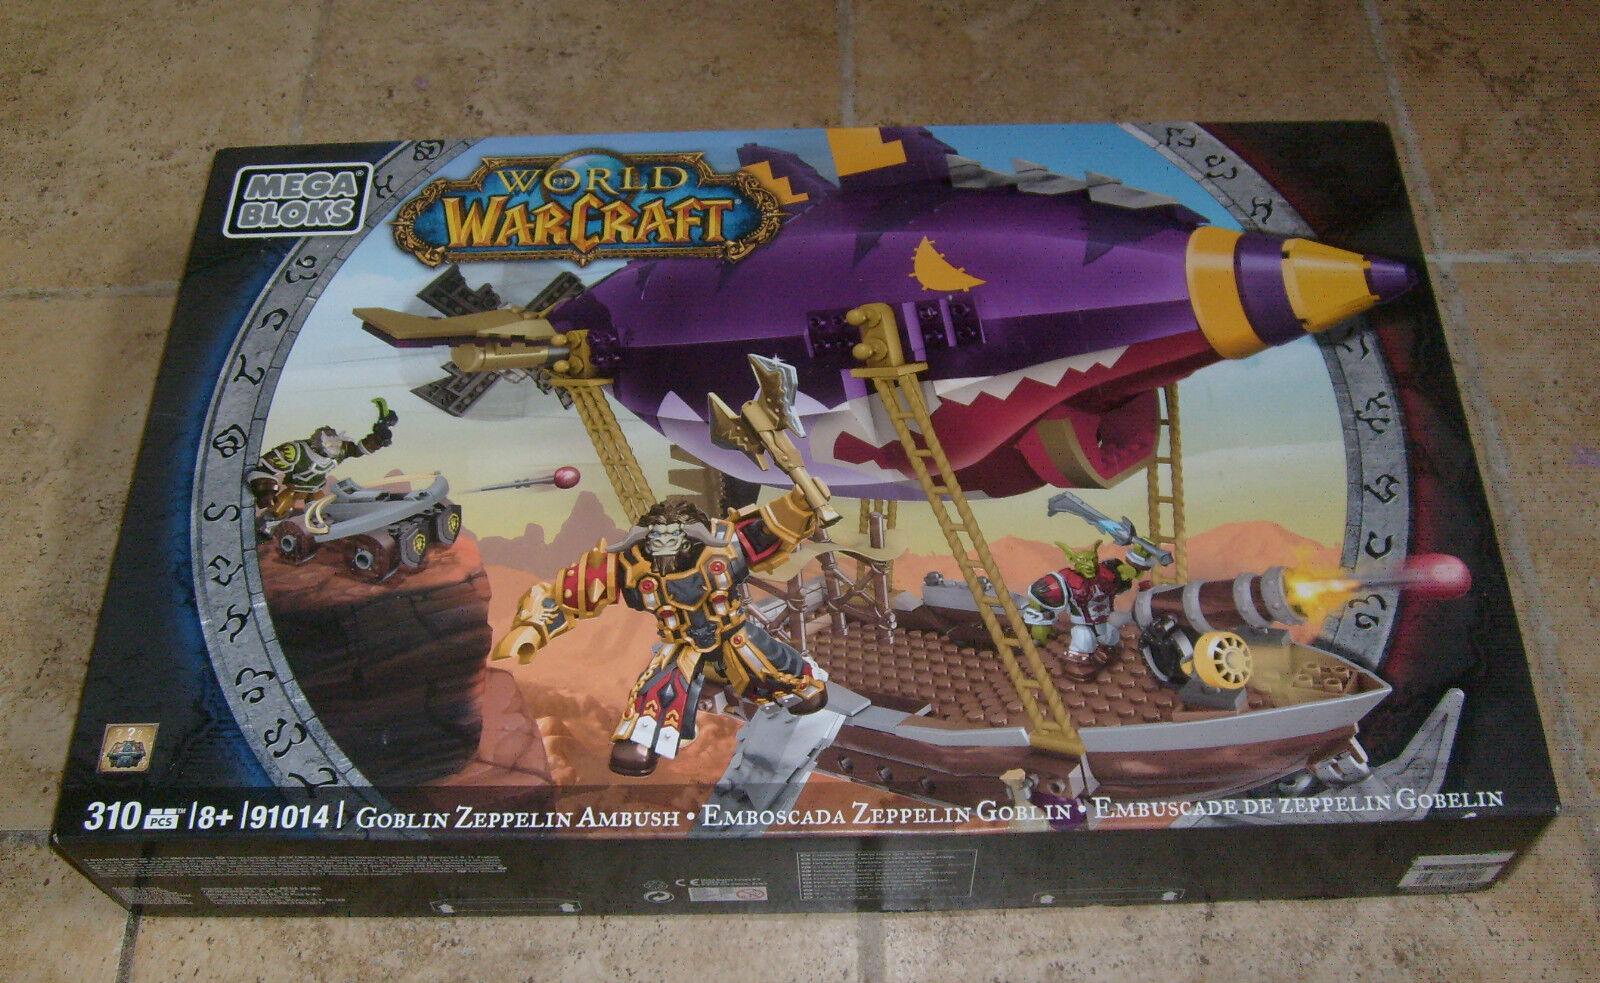 Neue mega - bloks world of warcraft zeppelinen hinterhalt 91014 freie s   h